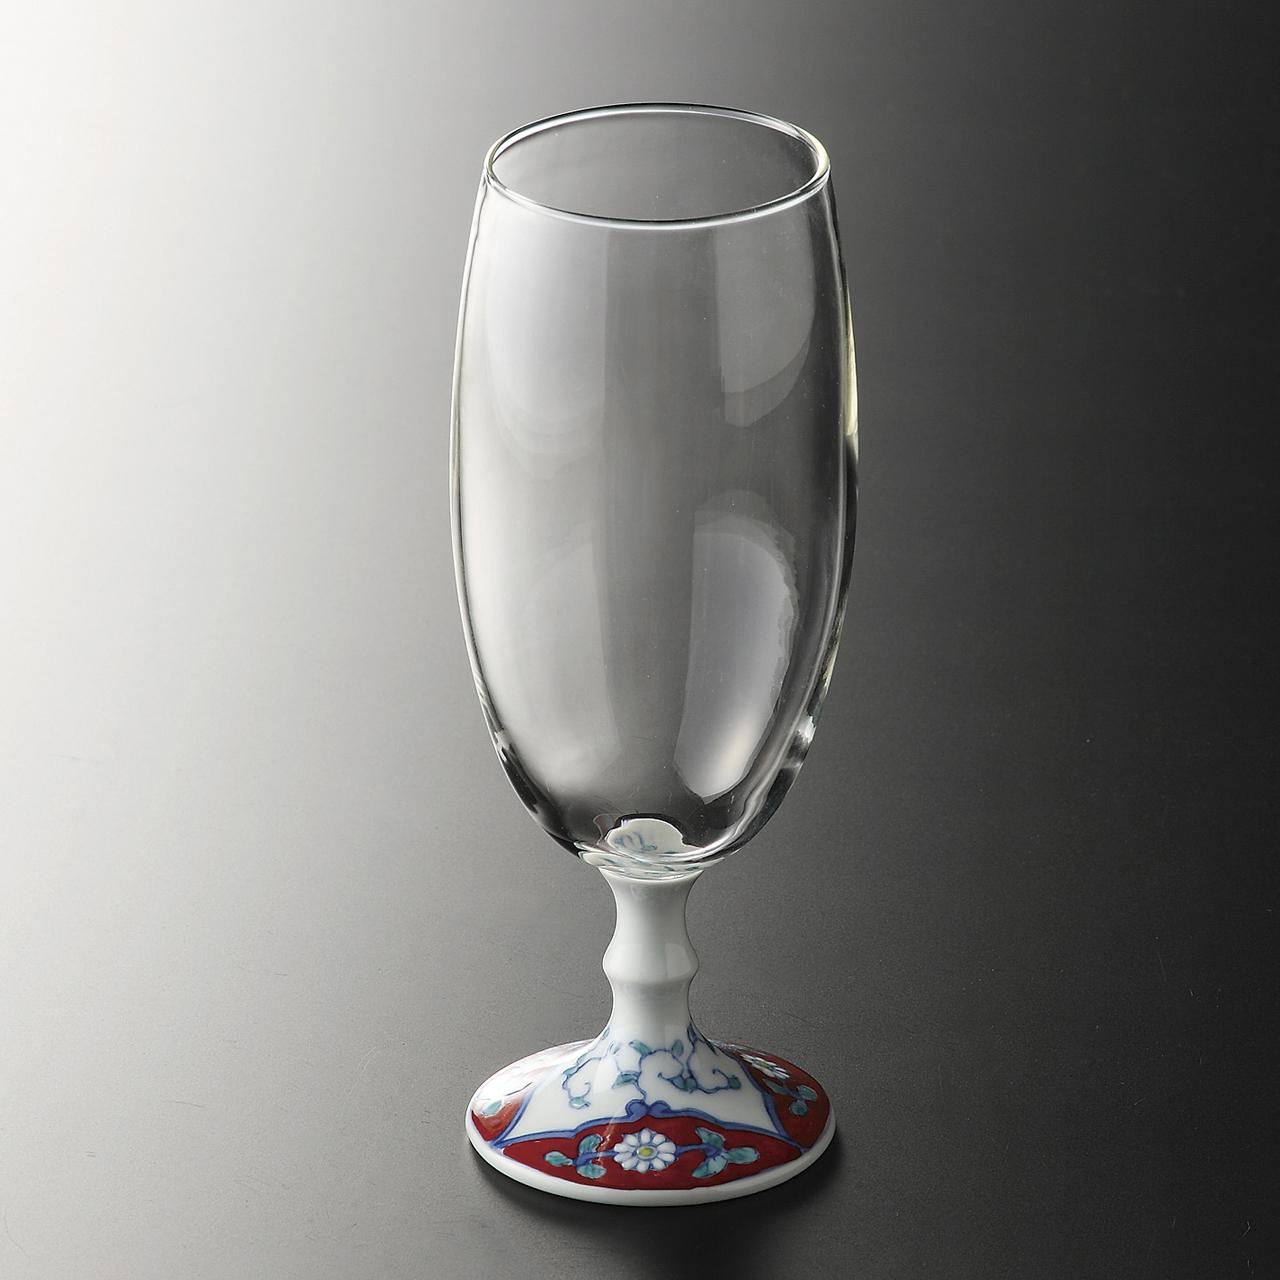 ビールグラス (赤濃唐草) 20-407